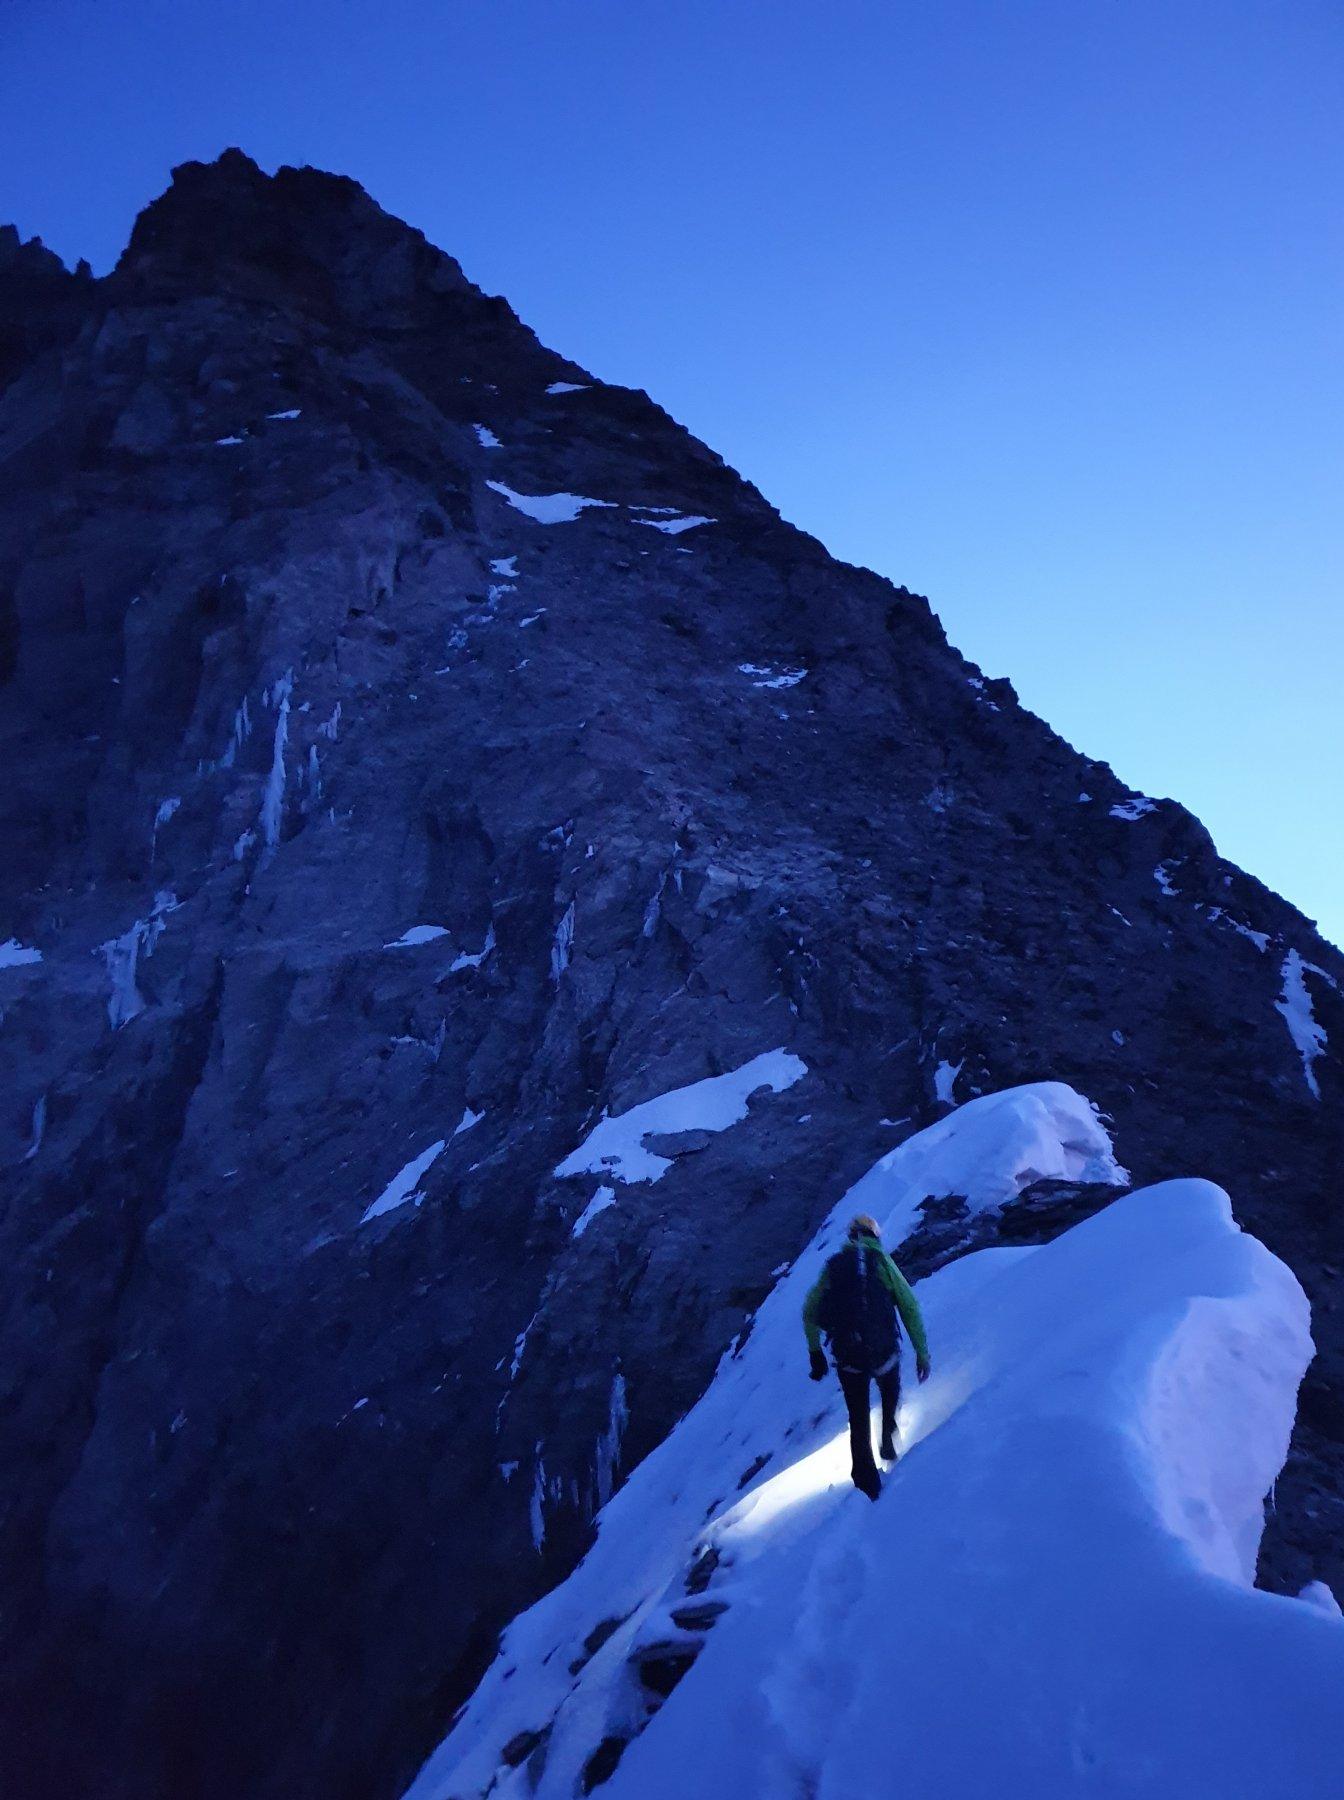 Il breve tratto nevoso prima della vetta del Täschhorn